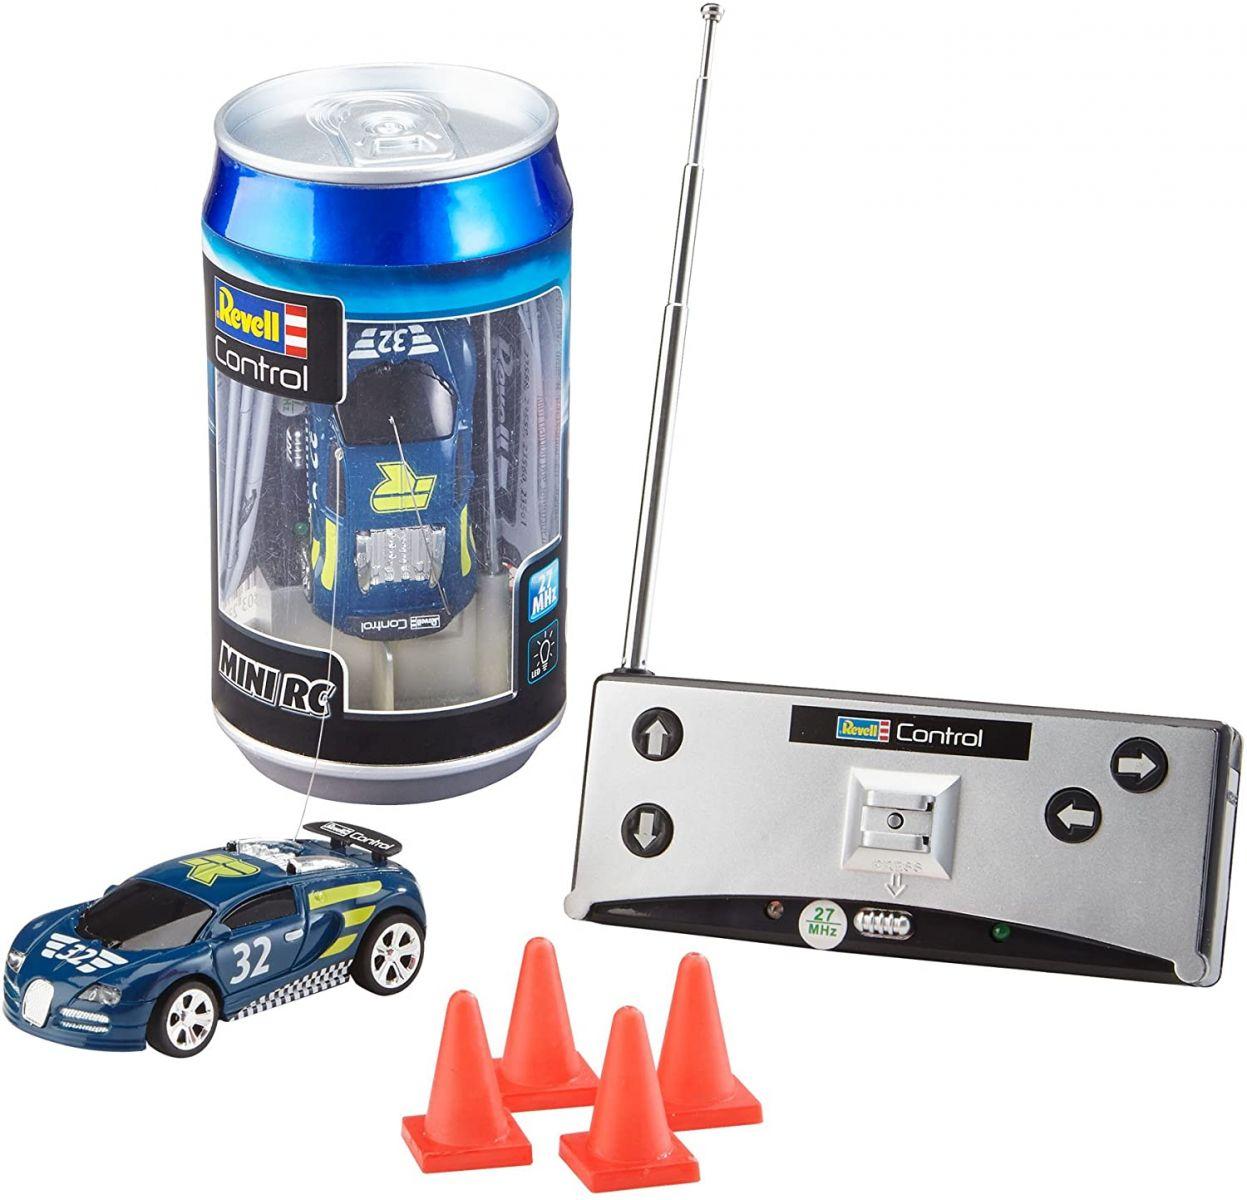 Miniaturowy samochód zdalnie sterowany z czterema pachołkami oraz pilotem - całość mieści się w puszce